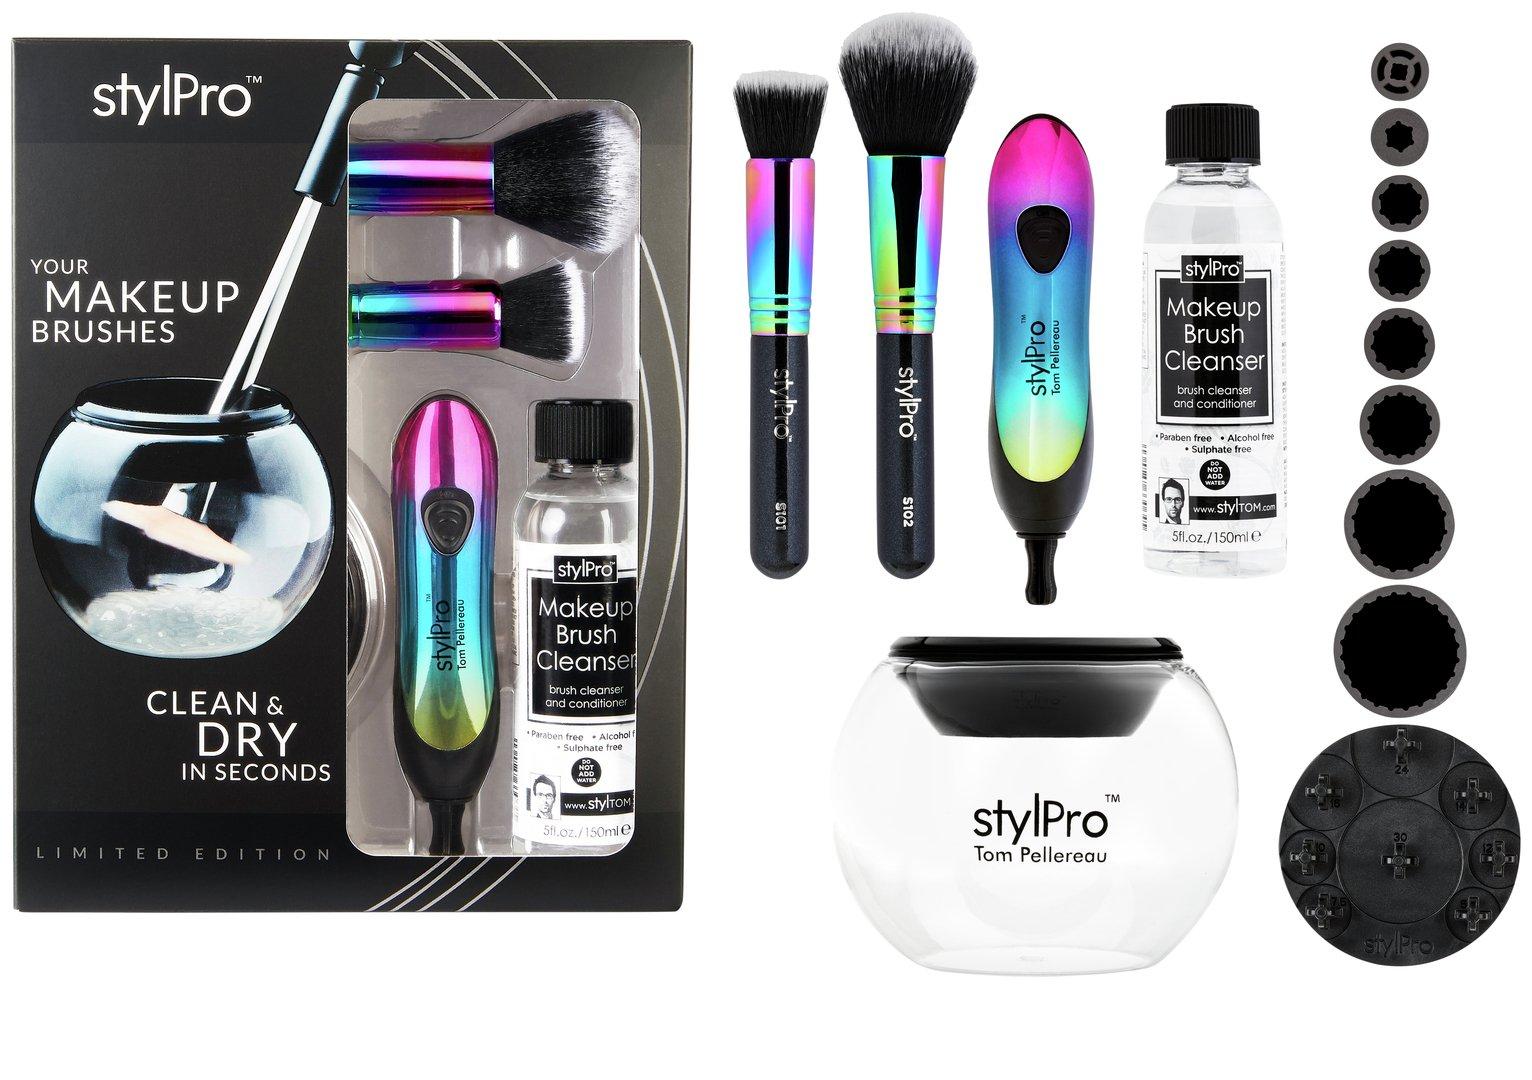 StylPro Iridescent Rainbow Make-up Brush Cleaner